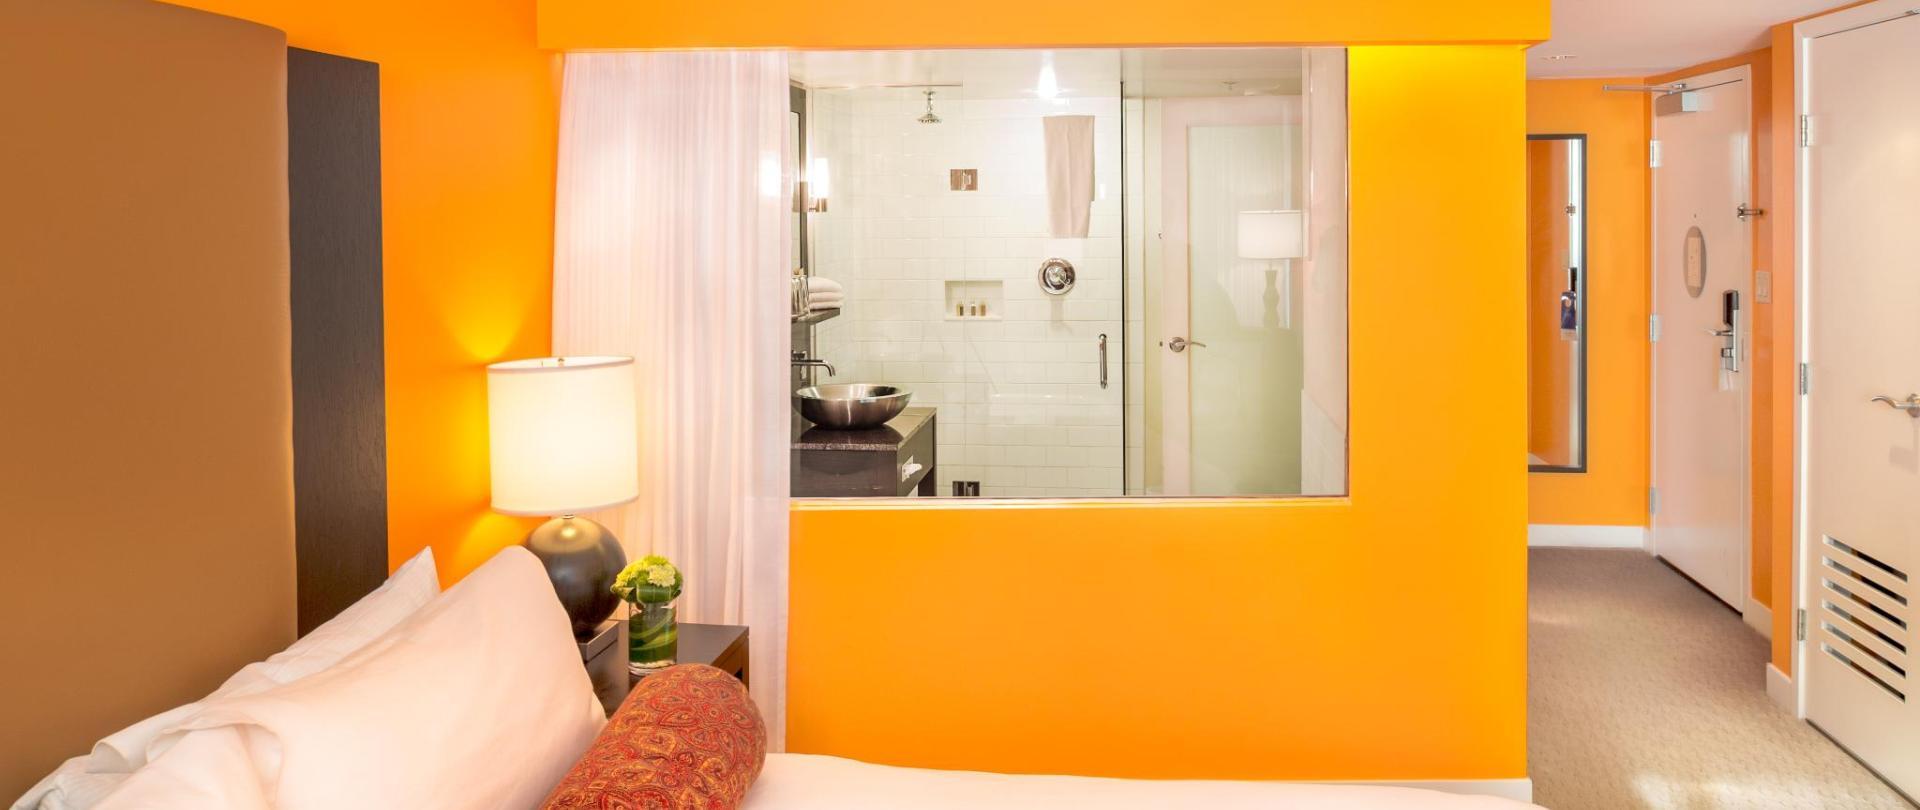 Guestrooms - Deluxe King (7).jpg